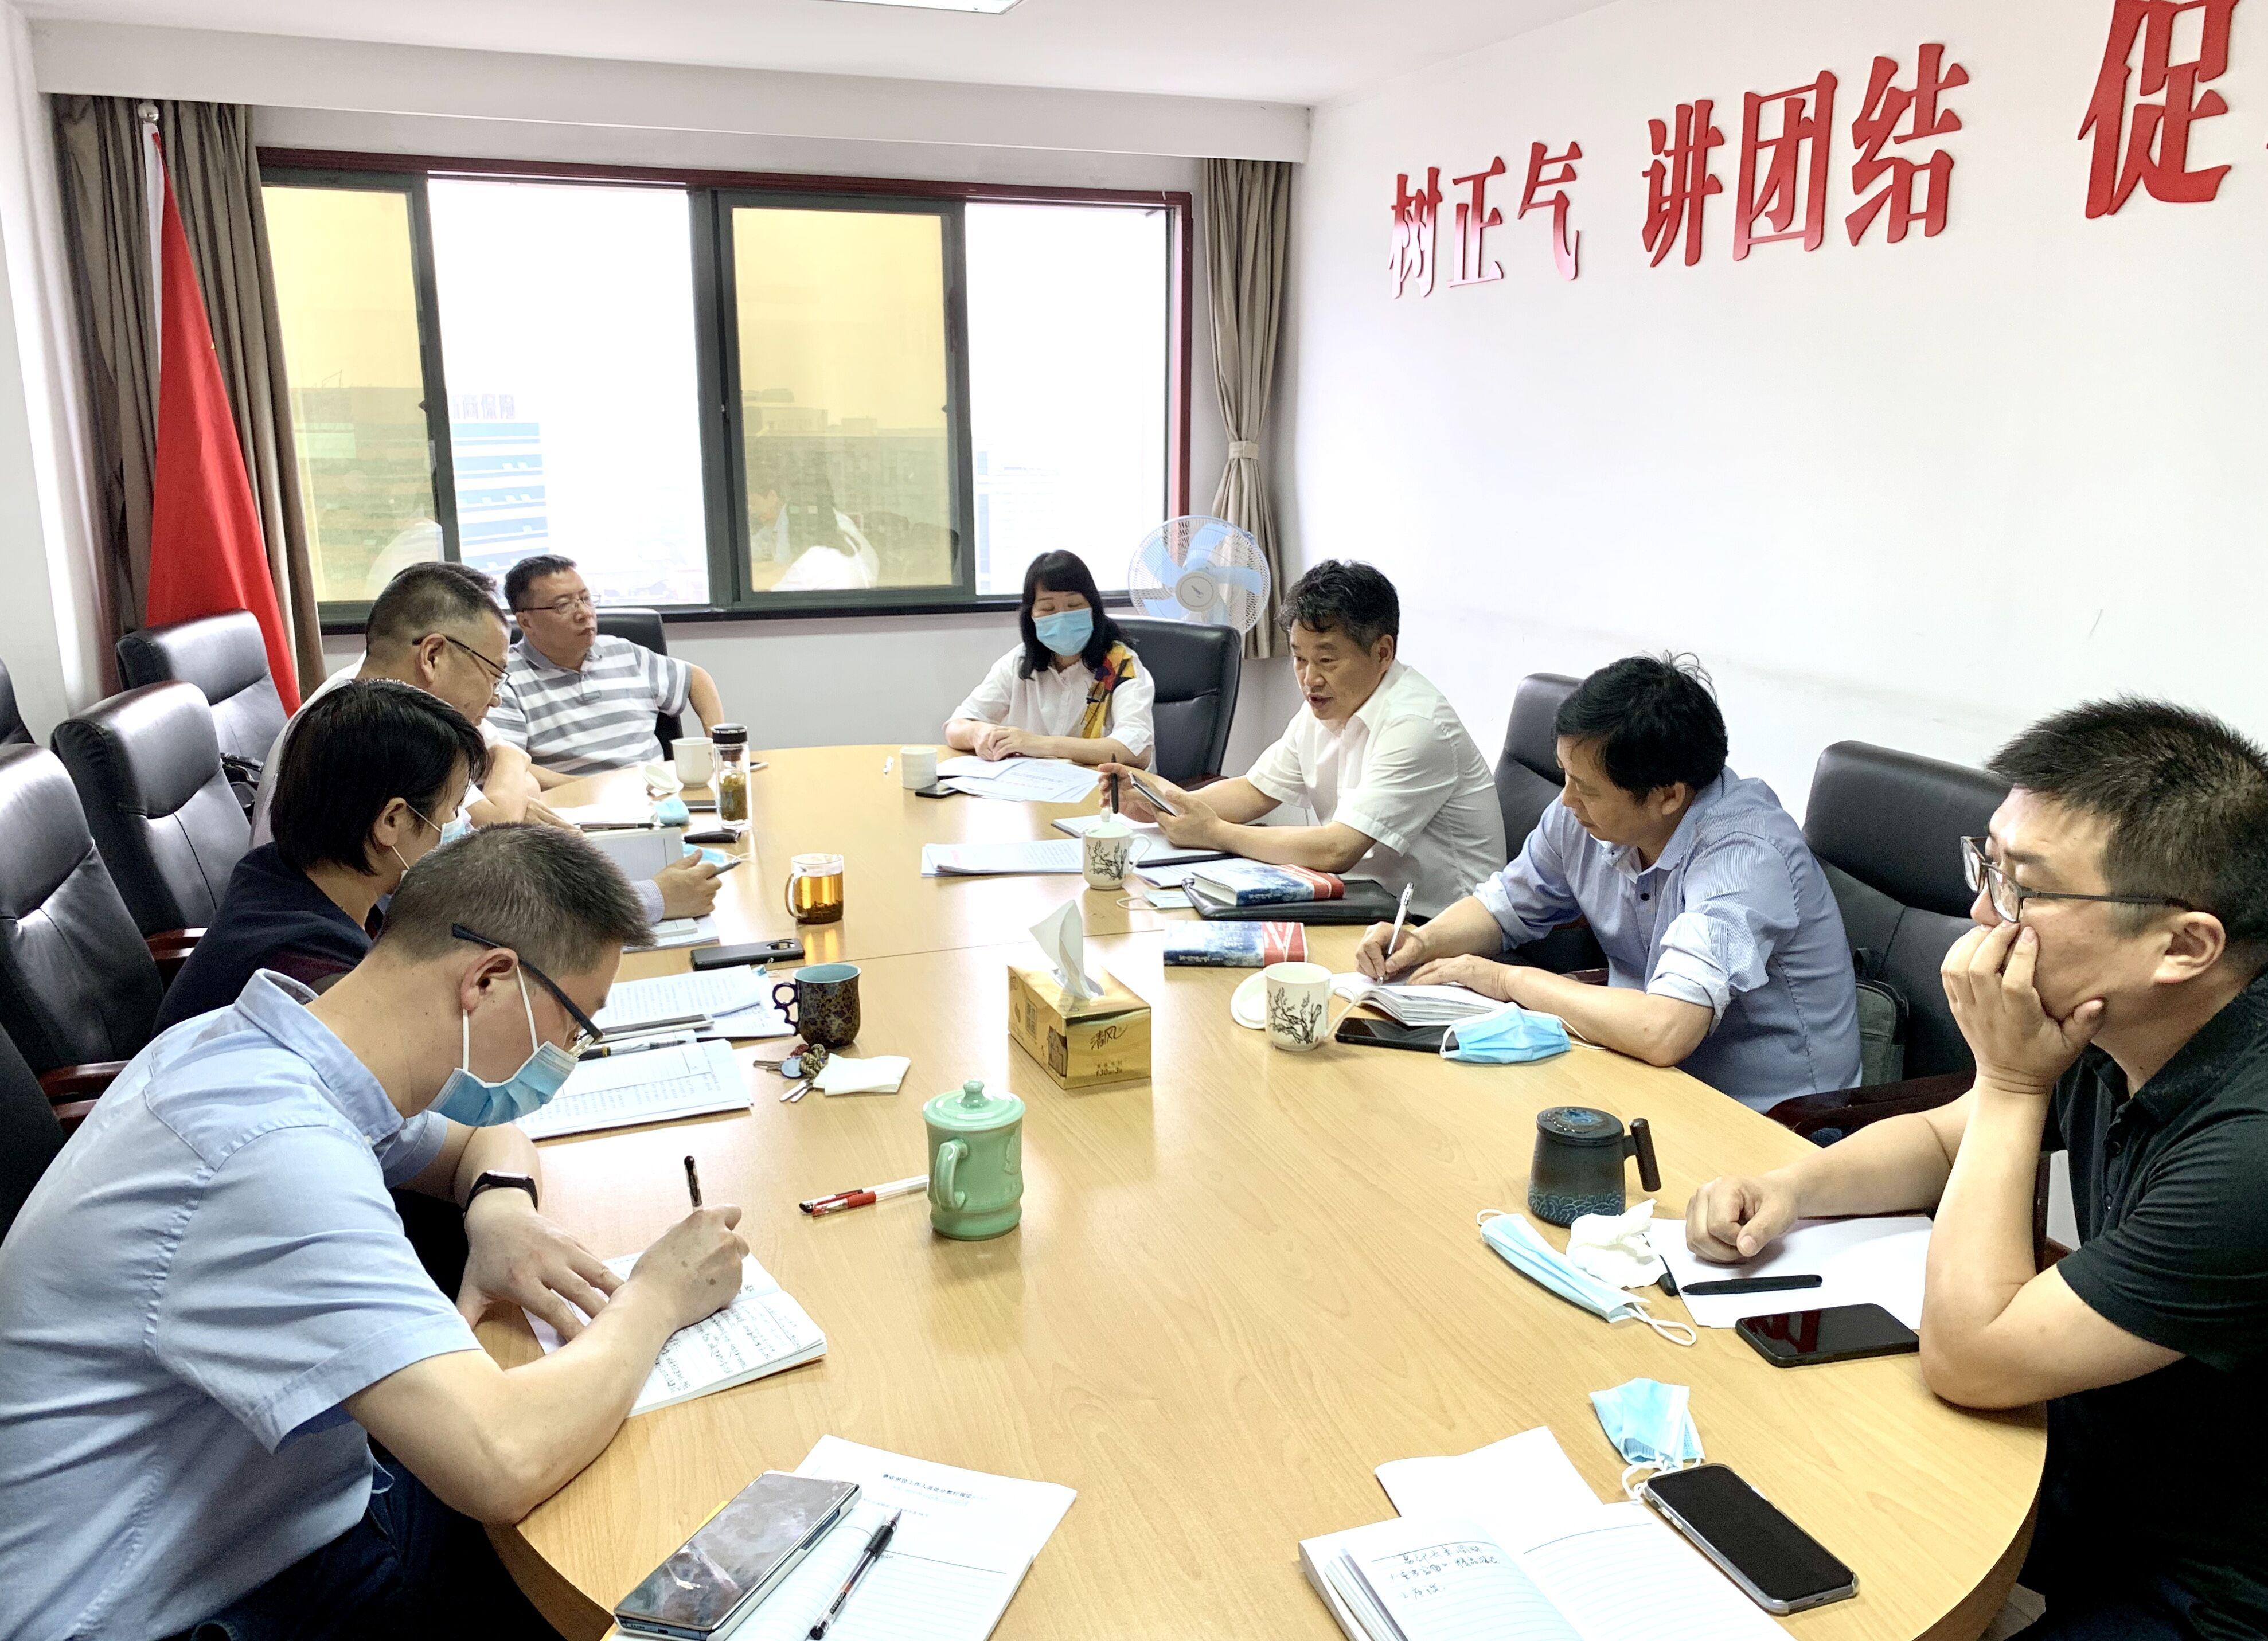 省委宣傳部副部長葛學斌調研文學工作